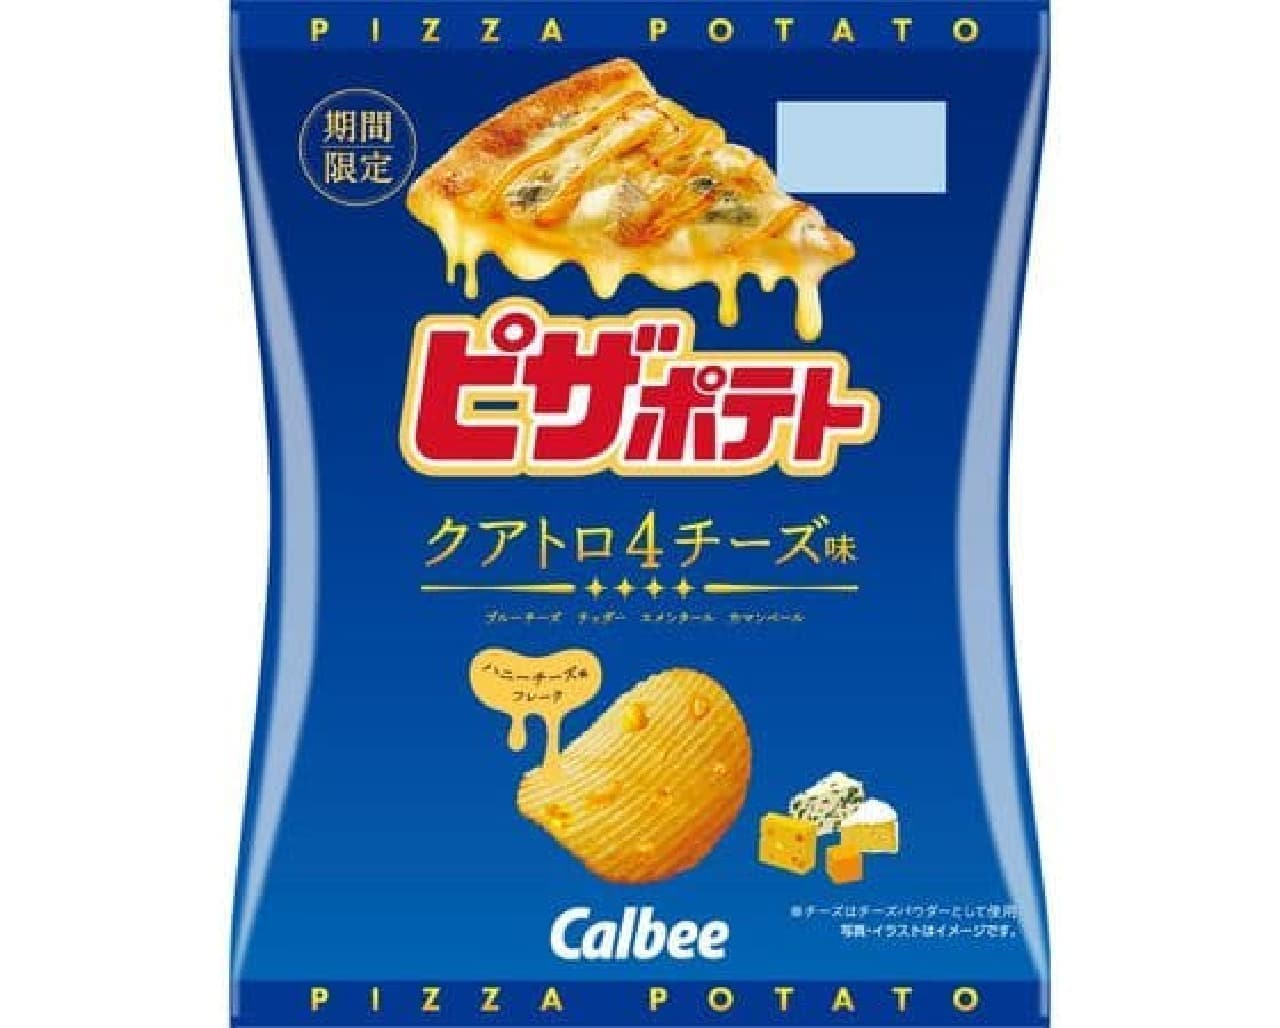 カルビー「ピザポテト クアトロチーズ味」